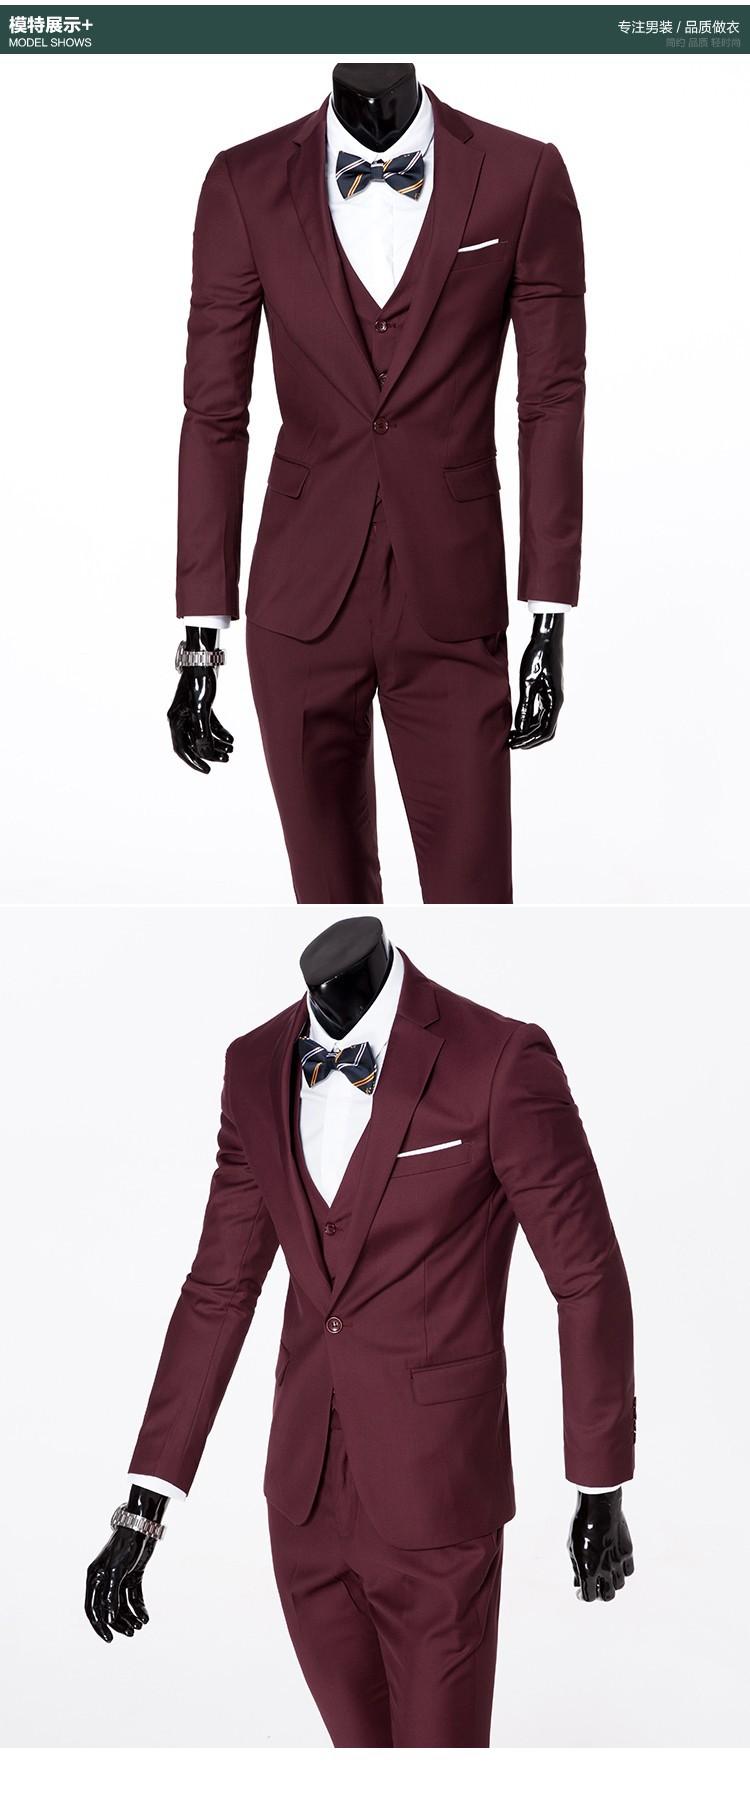 (Kurtka + kamizelka + spodnie) 2017 Nowa wiosna marka koszulka Męska slim fit Firm a trzyczęściowe Garnitury/Męskie dobrej groom dress/mężczyźni Blazers 15